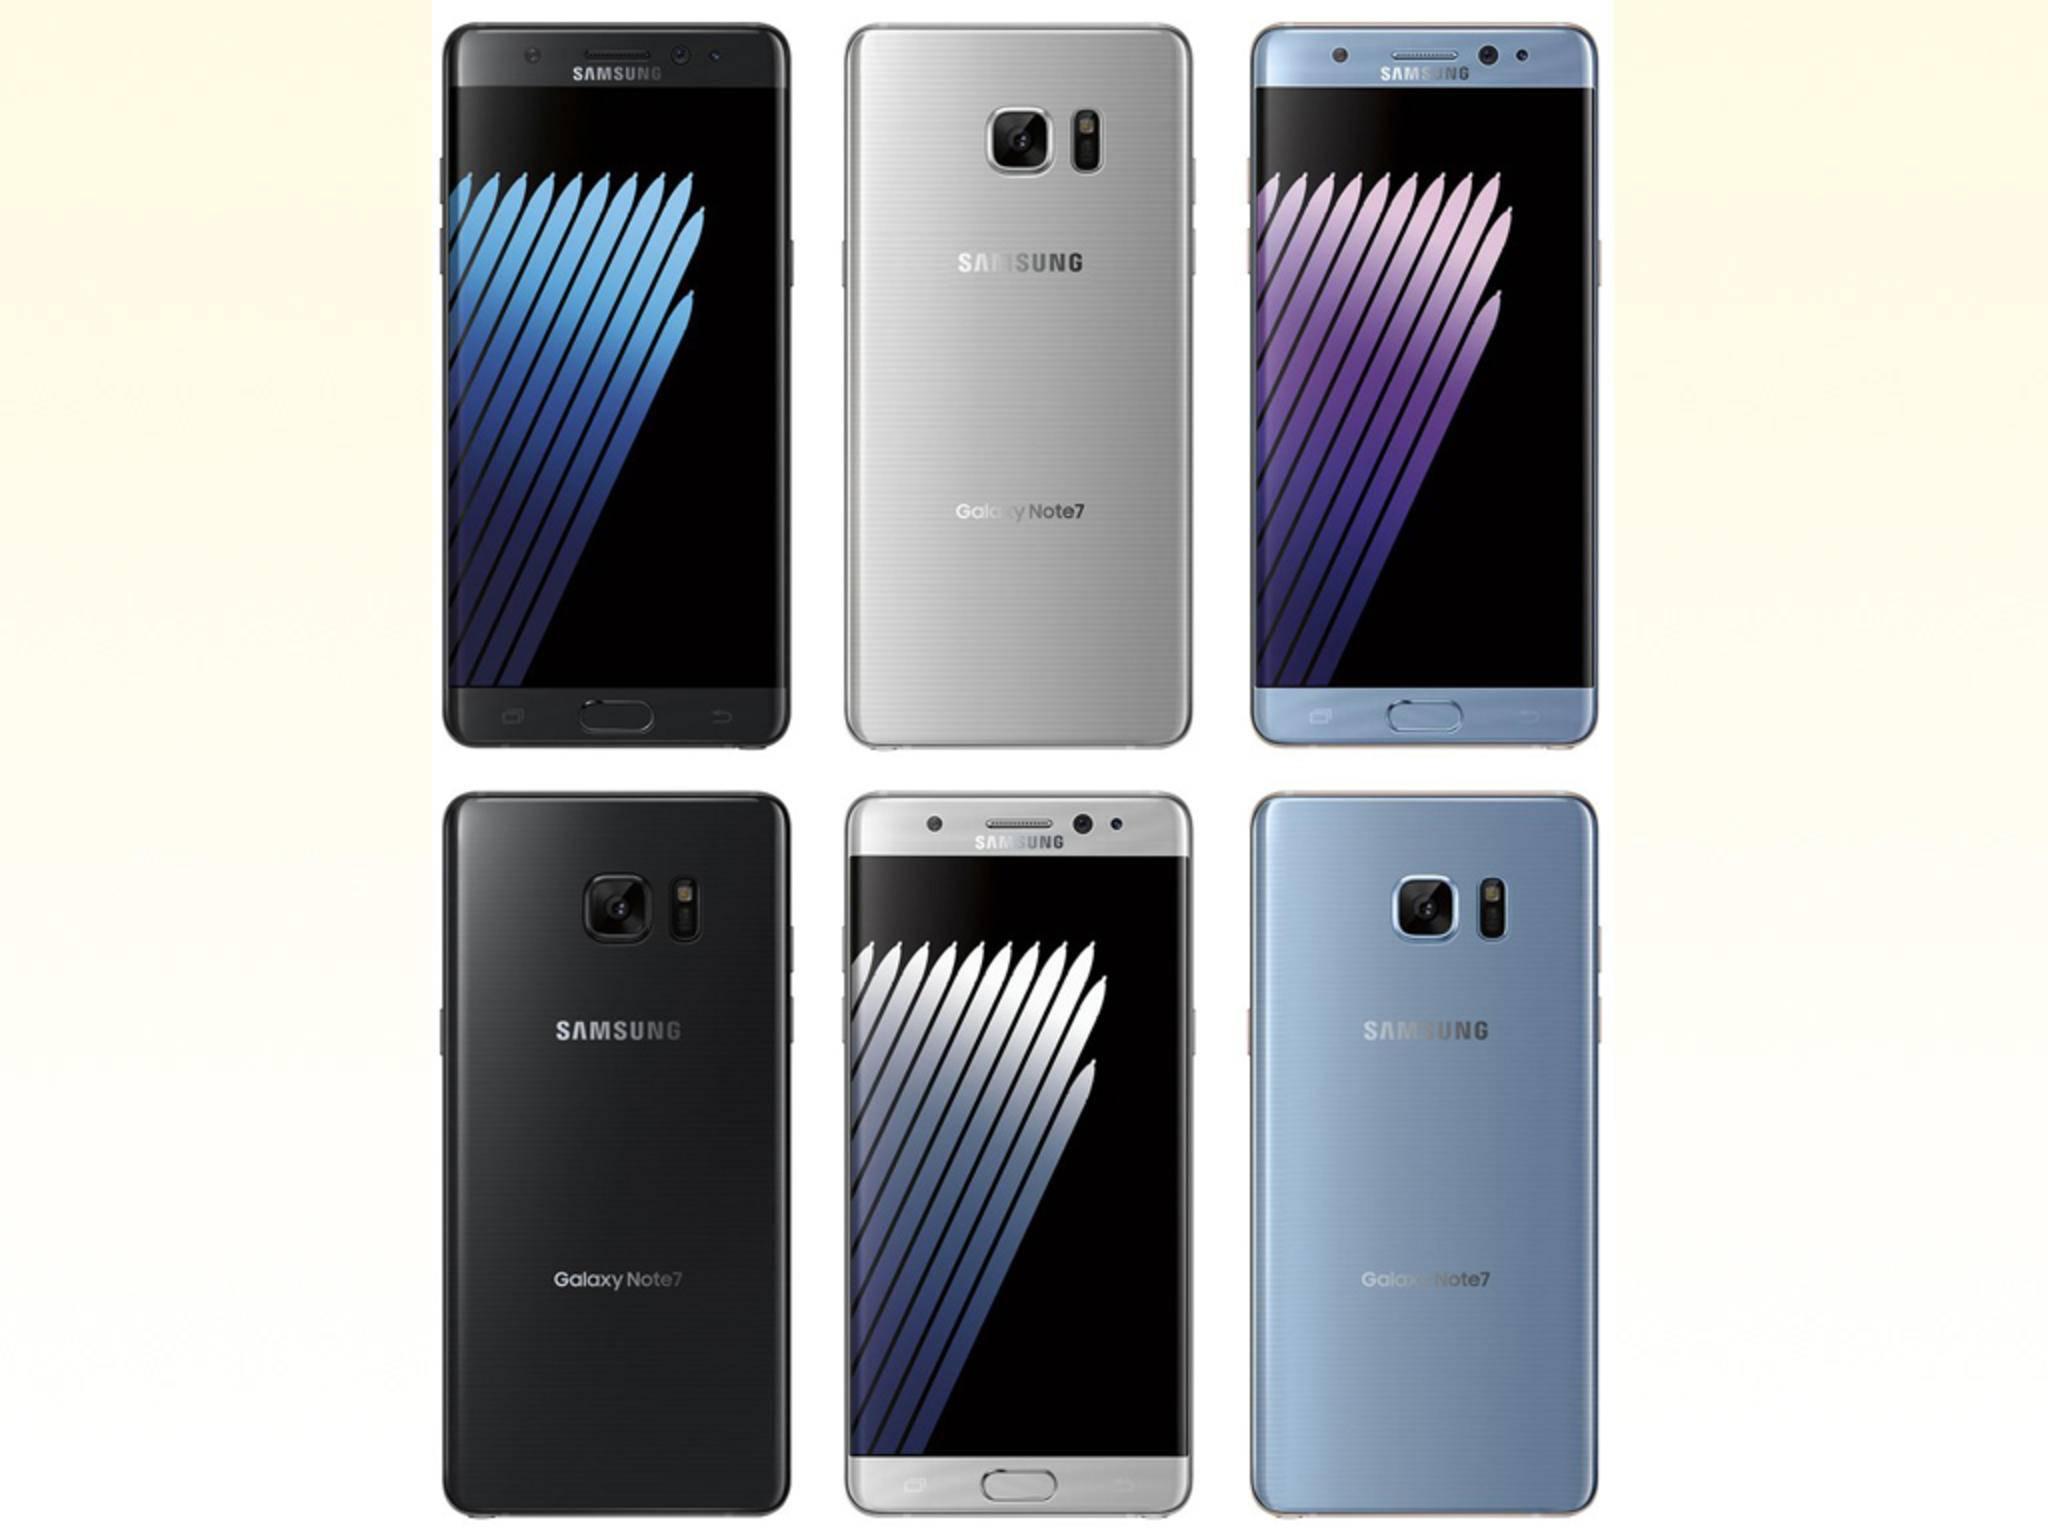 Vorbesteller bekommen beim Galaxy Note 7 offenbar nette Boni.